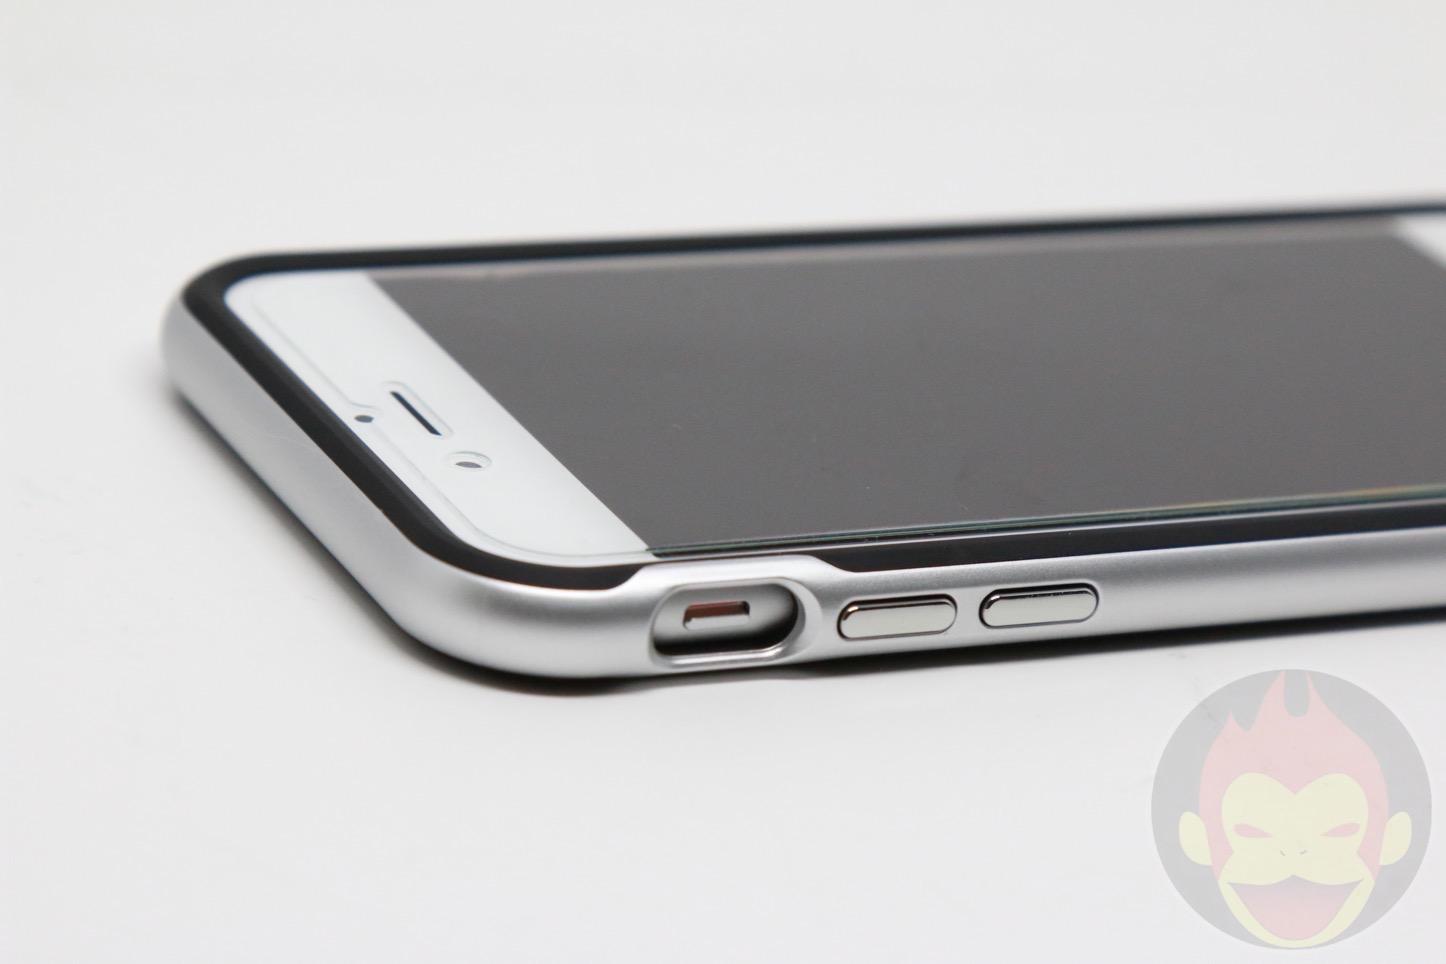 iPhone6s-Spigen-Neo-Hybrid-Case-14.JPG